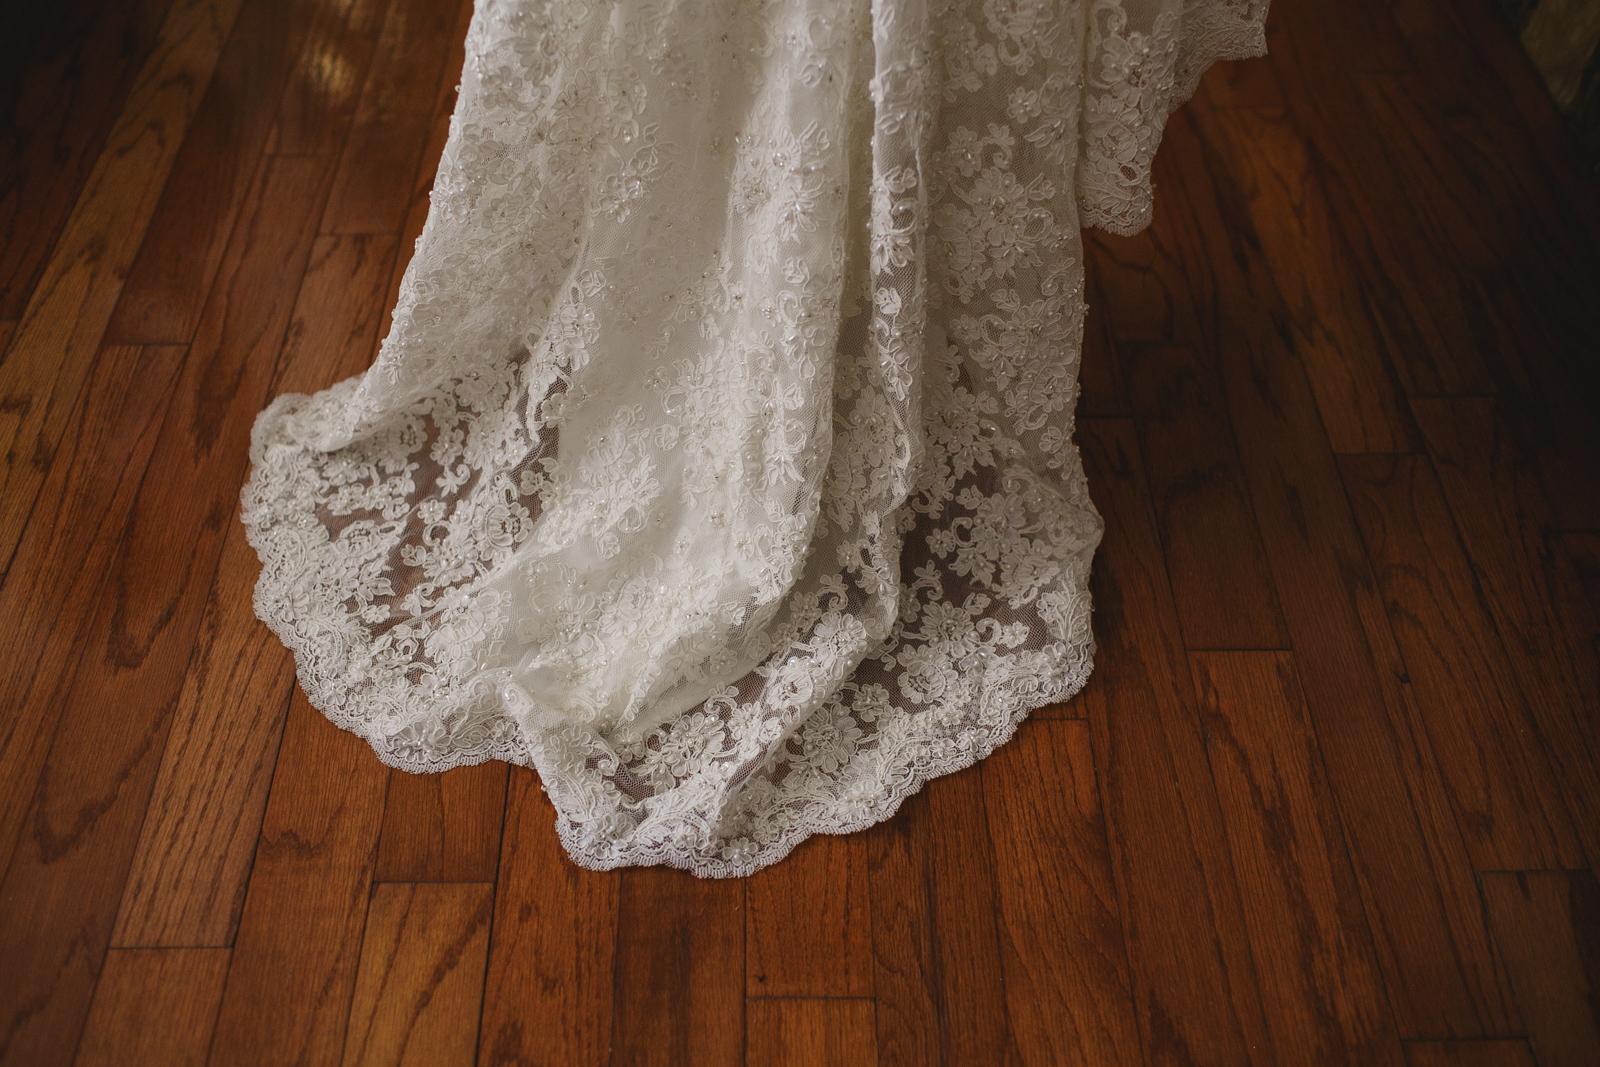 armando-aragon-fotografo-de-bodas-003